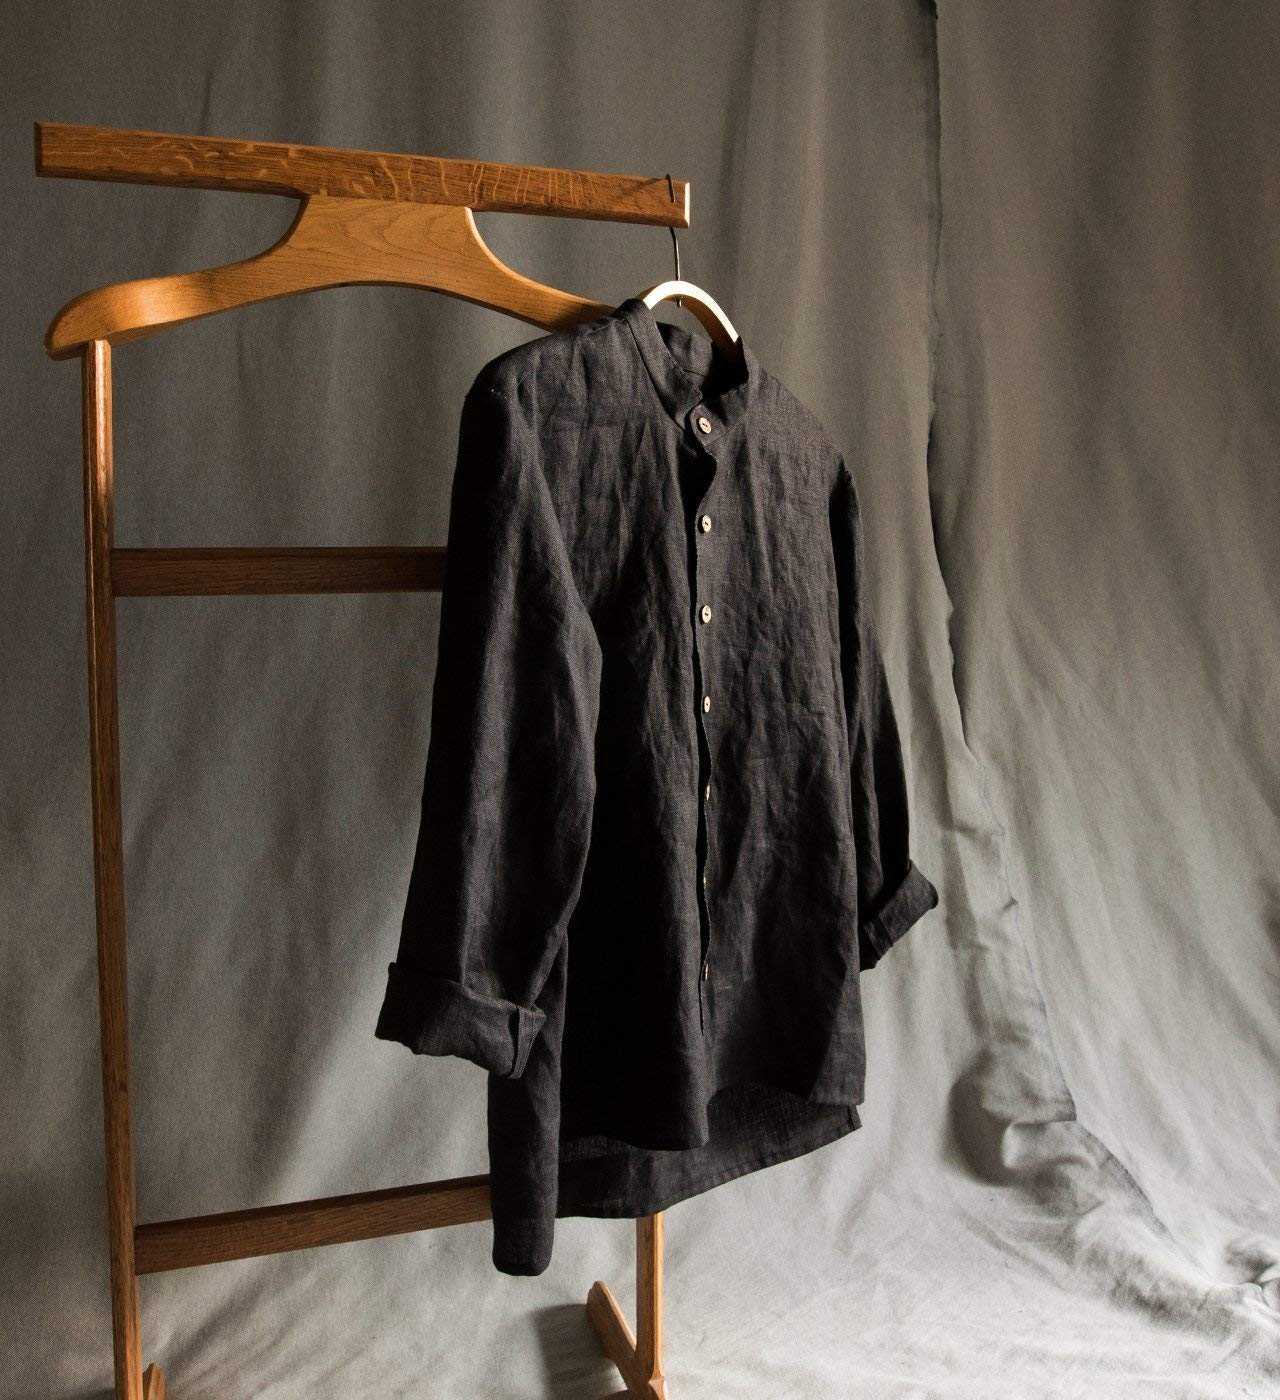 Linen men's shirt linen men's clothing linen black shirt for man grey linen long sleeve shirt linen t-shirt loose linen shirt buttoned